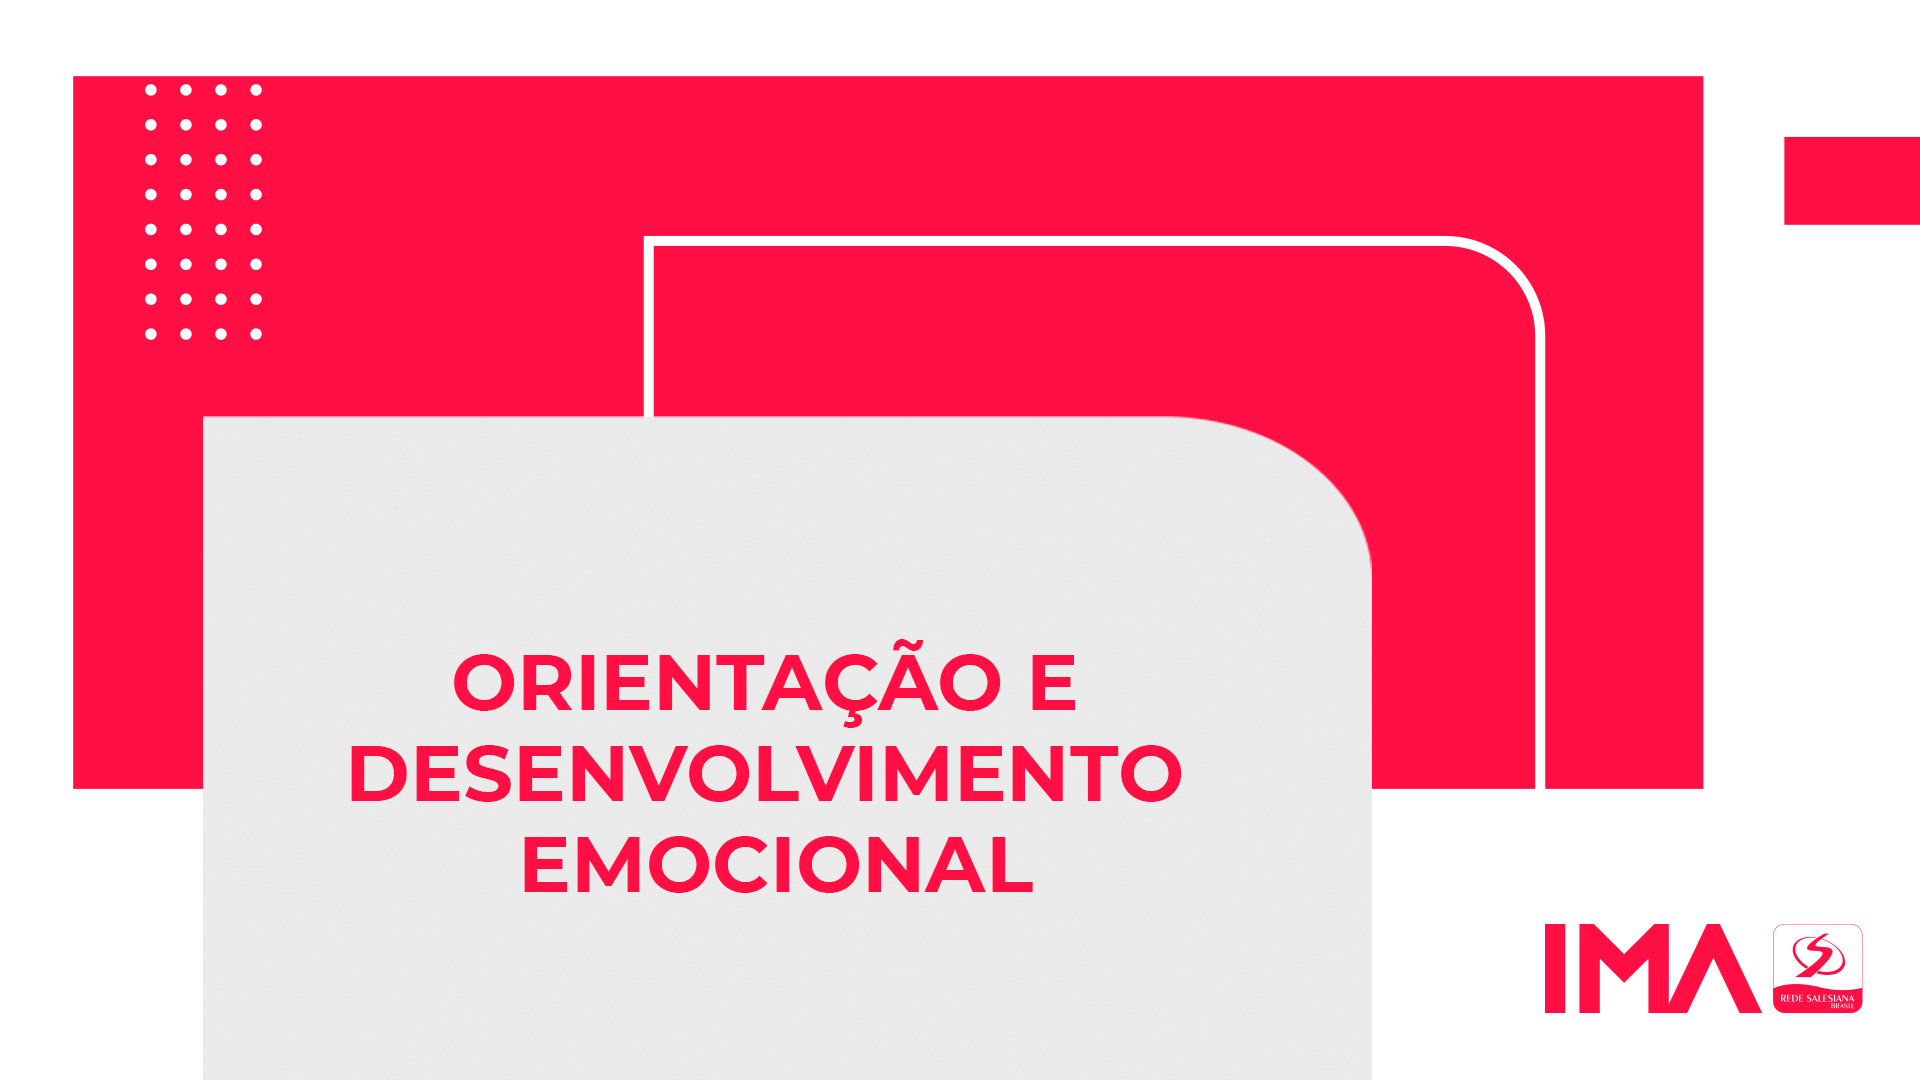 IMA realiza projeto de Orientação e desenvolvimento Emocional